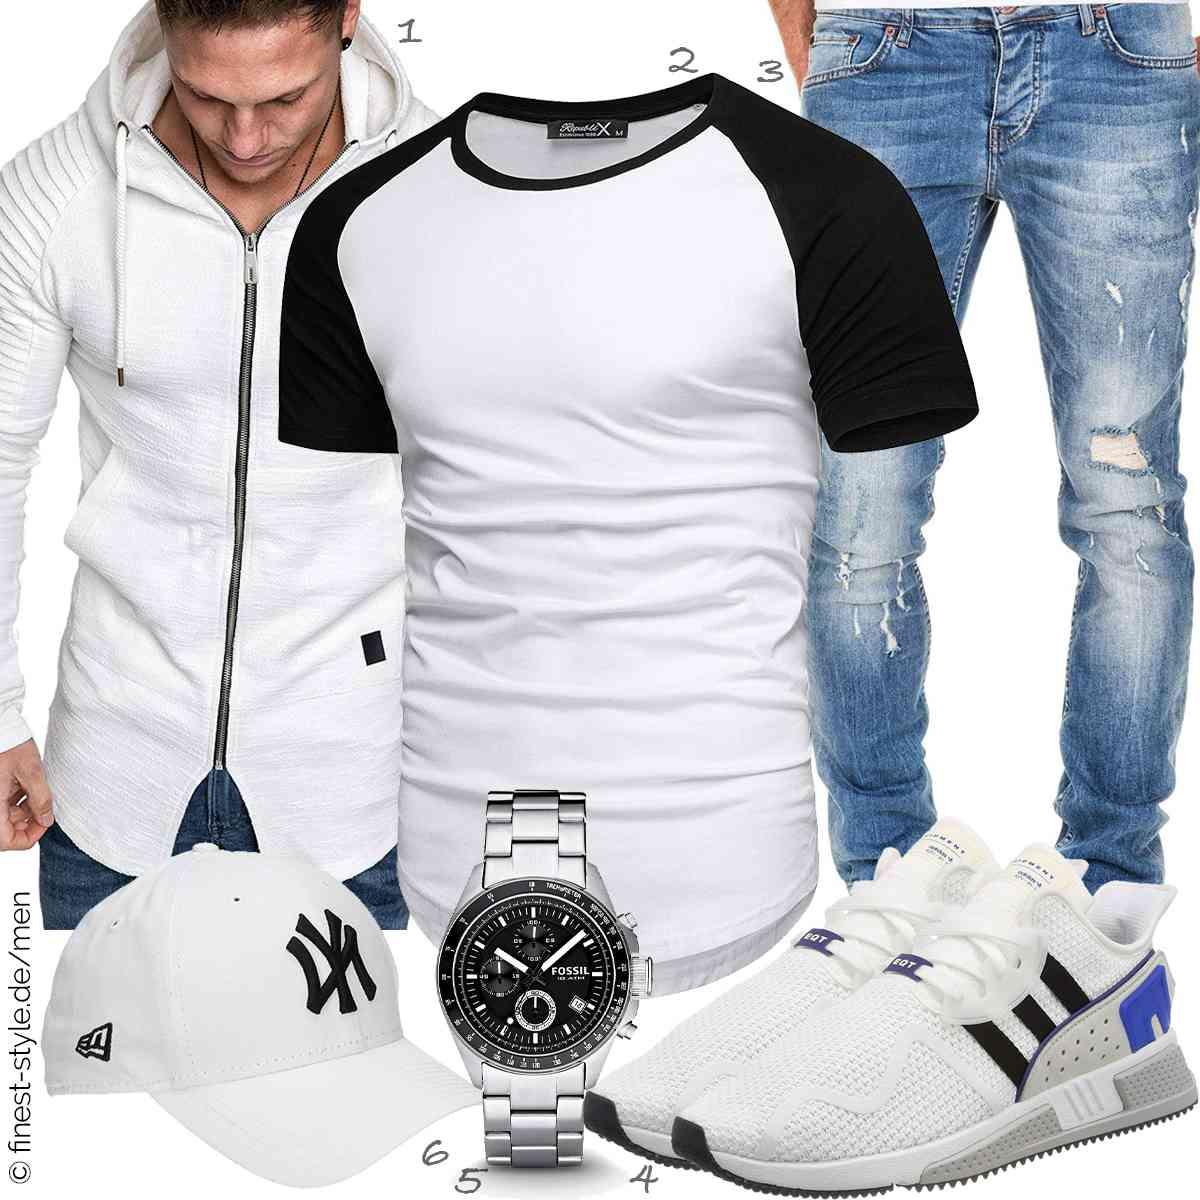 Top Herren-Outfit im Finest-Trend-Style für ein selbstbewusstes Modegefühl mit tollen Produkten von Amaci&Sons,REPUBLIX,Amaci&Sons,adidas,Fossil,New Era